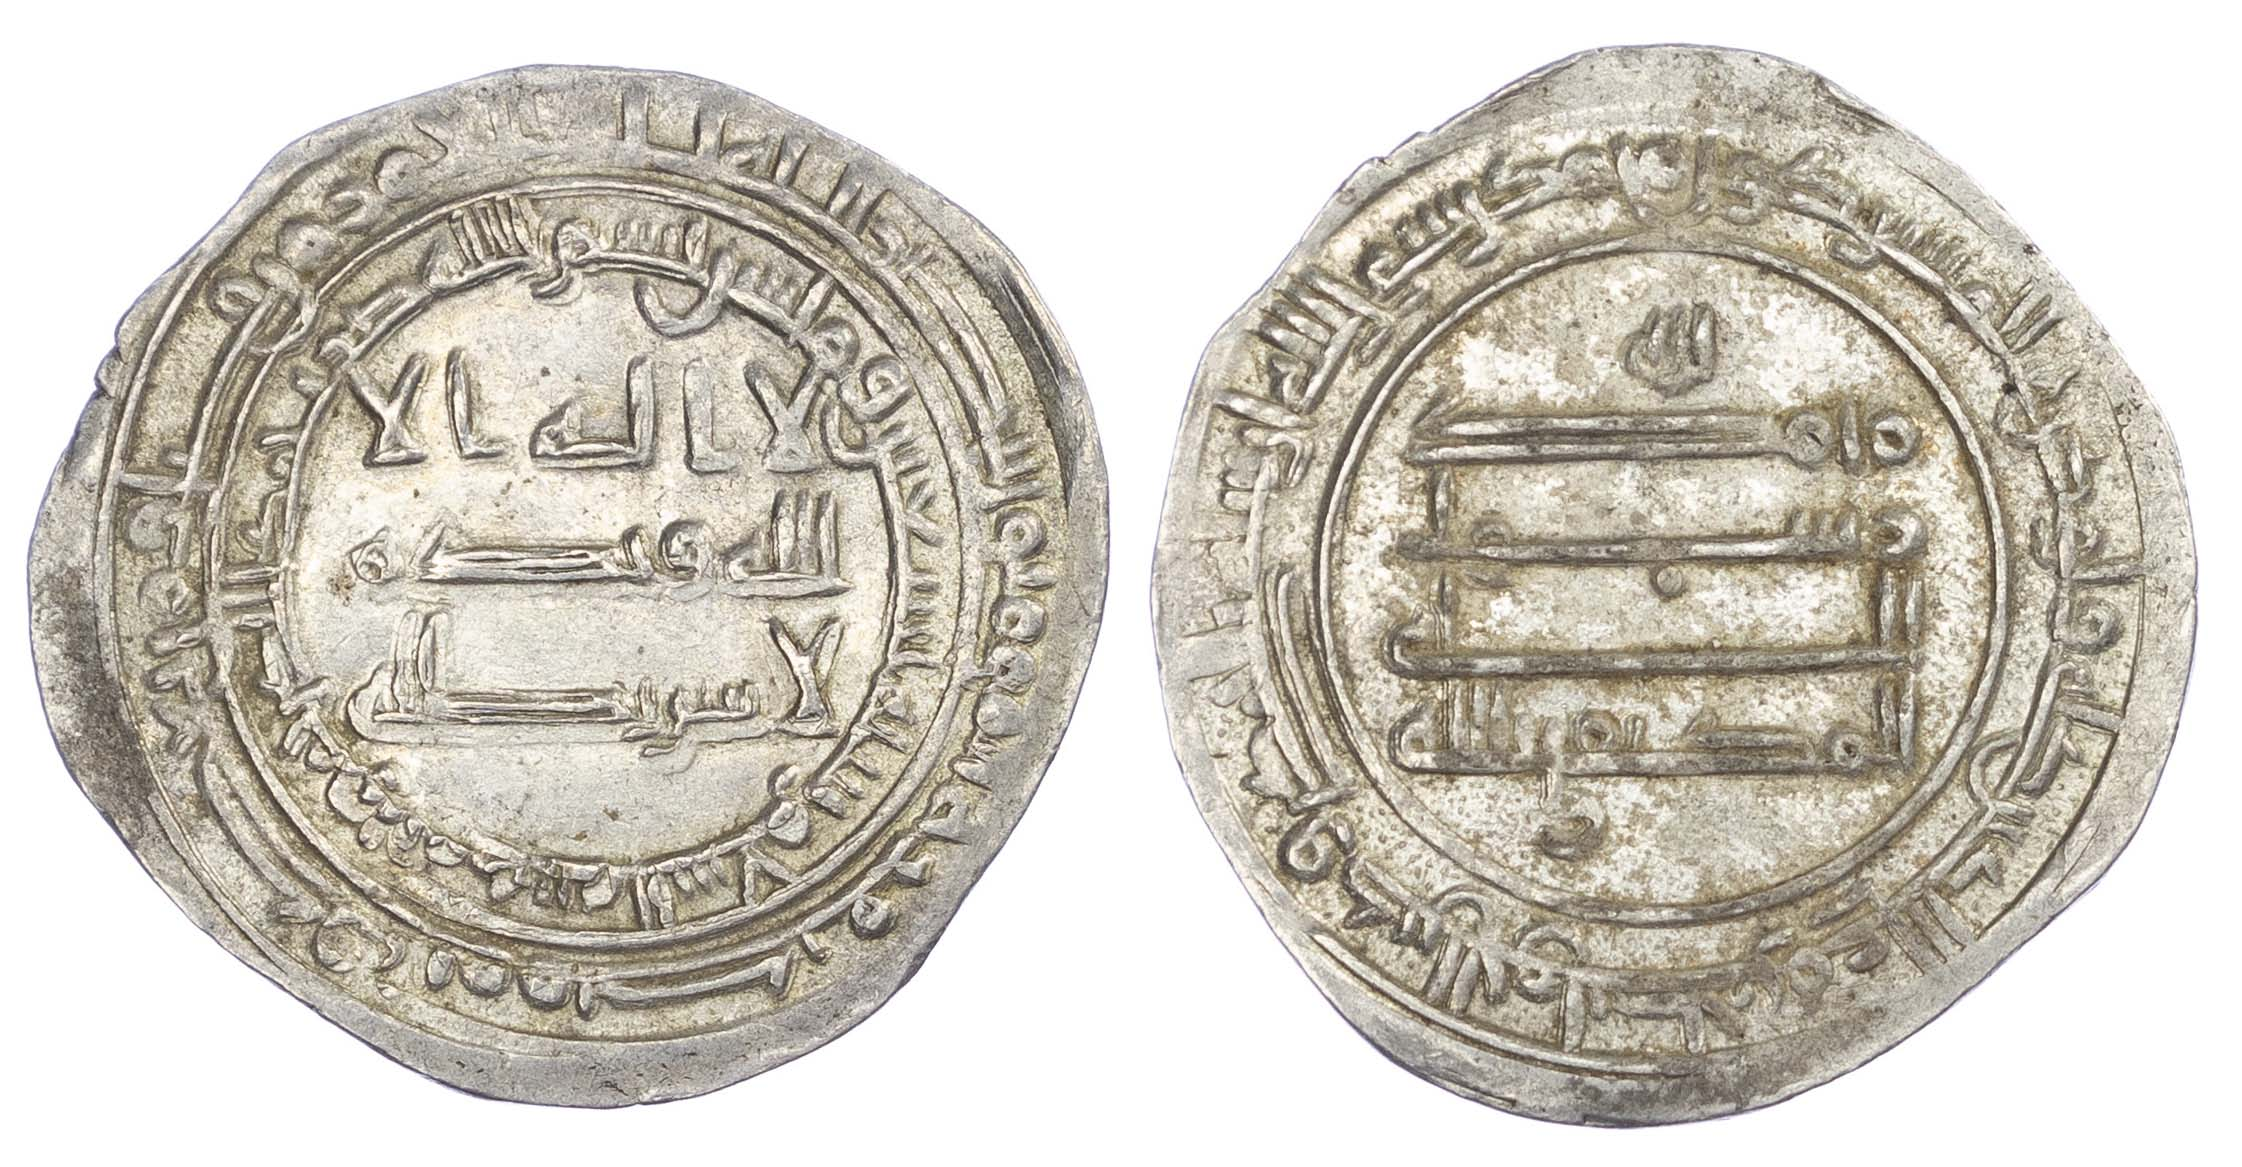 Abbasid, Al-Mutadid (AH 279-289 / 892-902 AD), silver Dirham, AH 290 / 903 AD